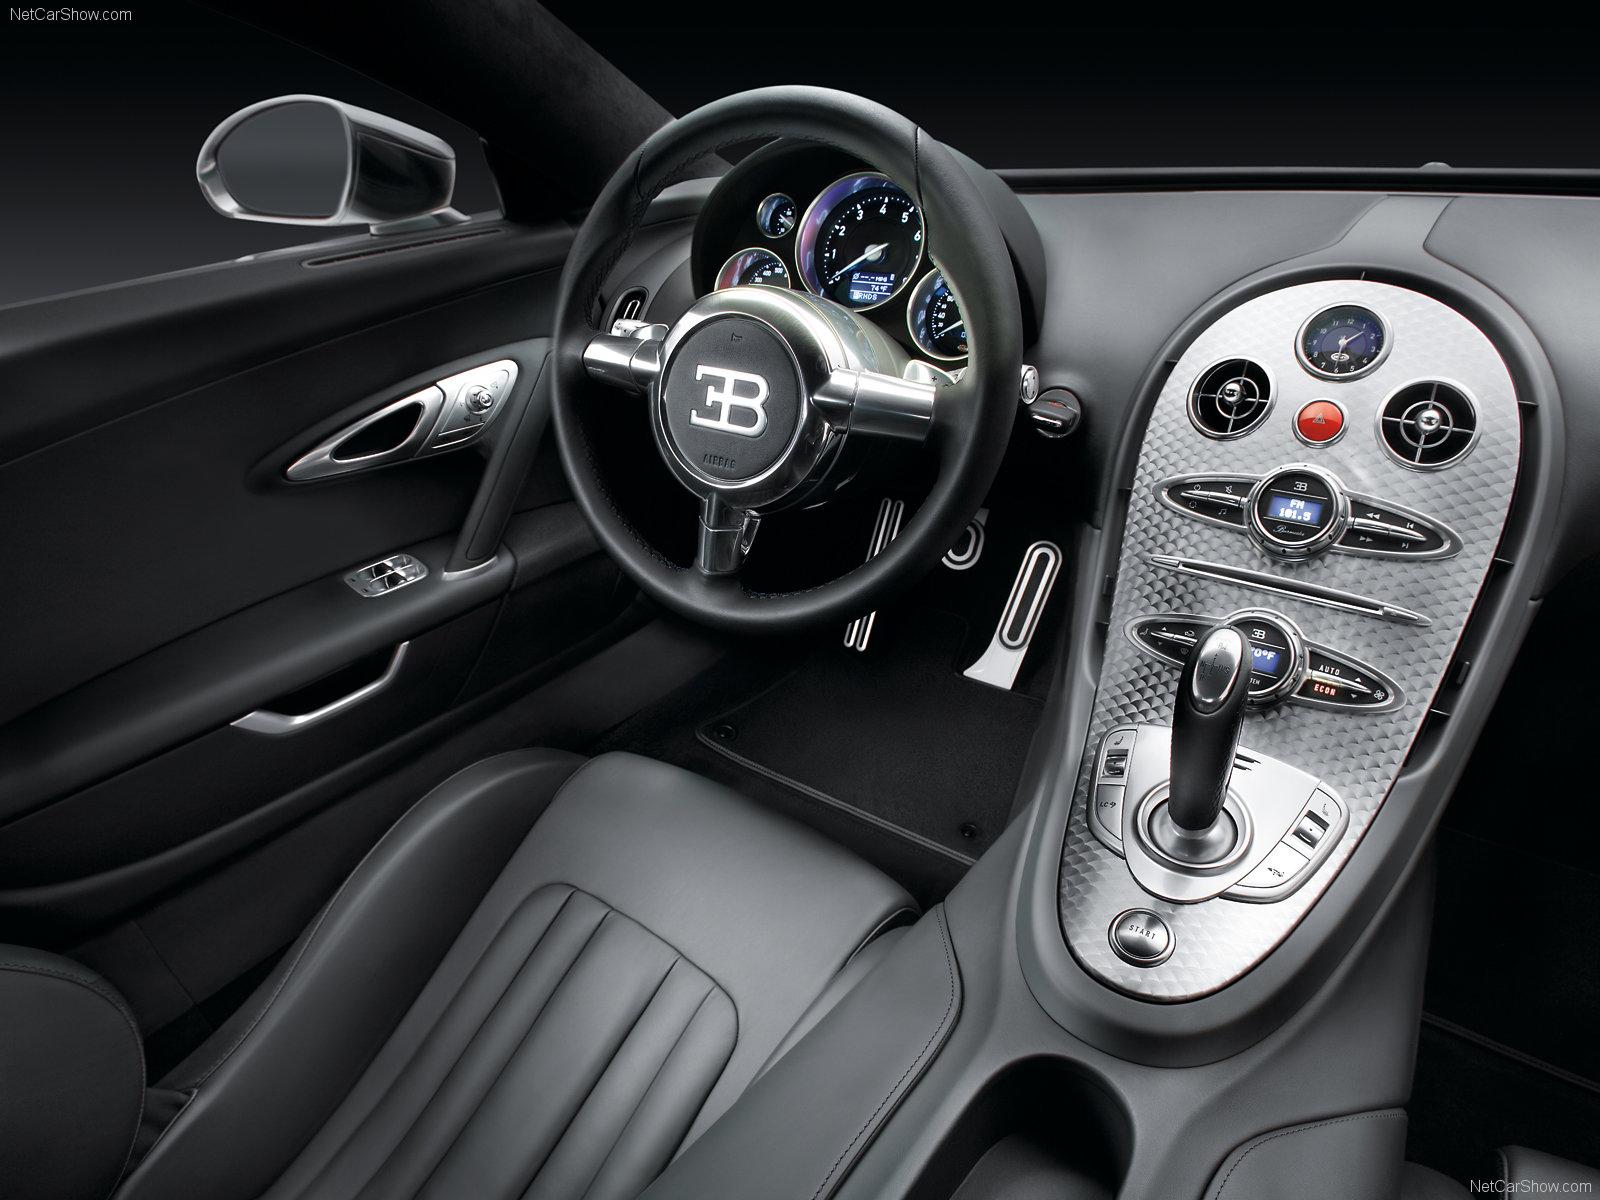 http://2.bp.blogspot.com/_qwliQ86J-8U/TLoO4mFOT6I/AAAAAAAAAFc/XxGH28s0cs8/s1600/Bugatti-Veyron_Pur_Sang_2007_1600x1200_wallpaper_05.jpg